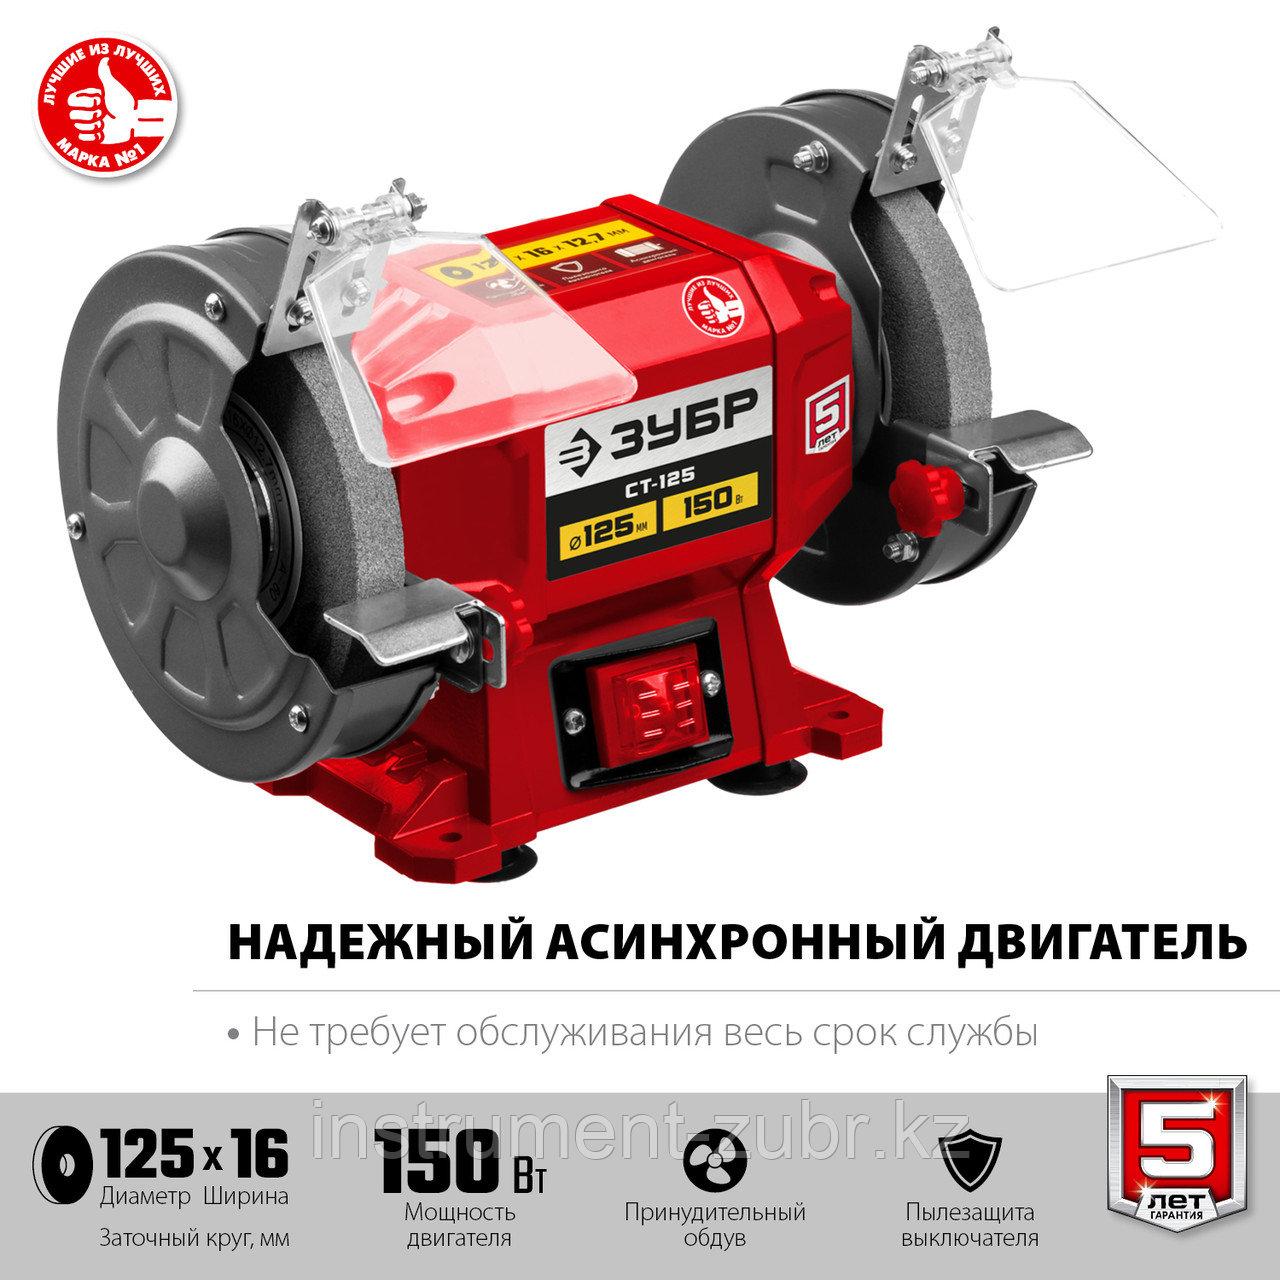 Заточной станок, d125 мм, 150 Вт, ЗУБР СТ-125